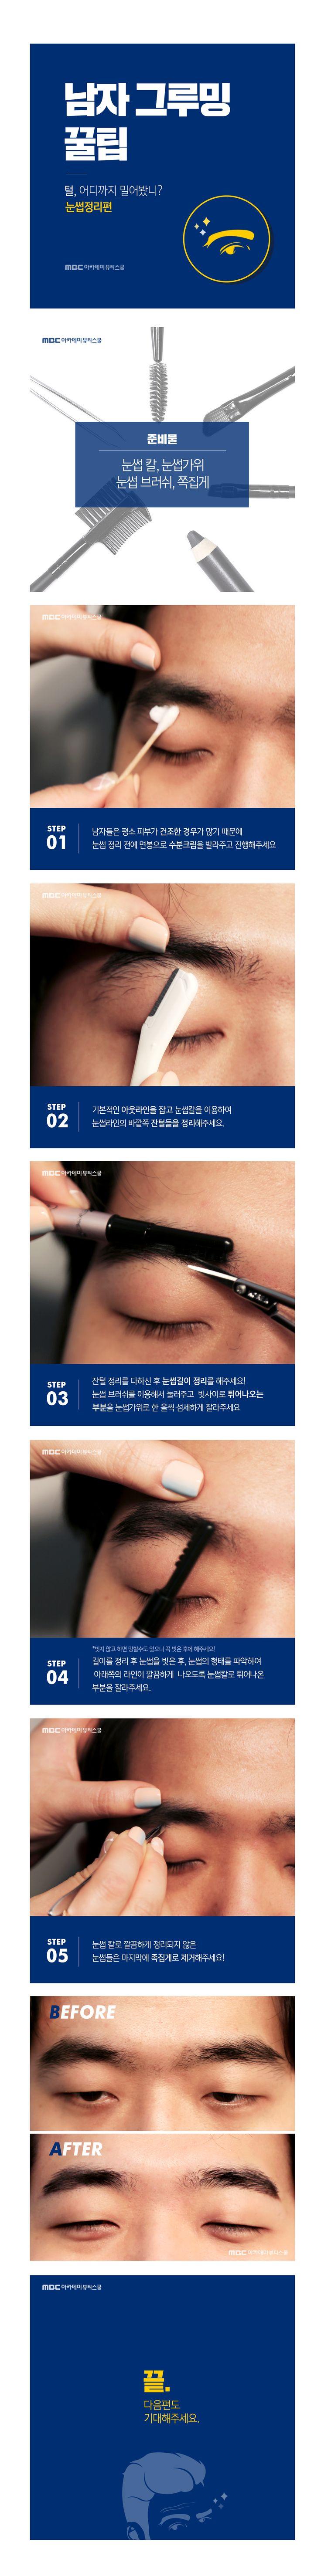 [vingle] man's grooming tip